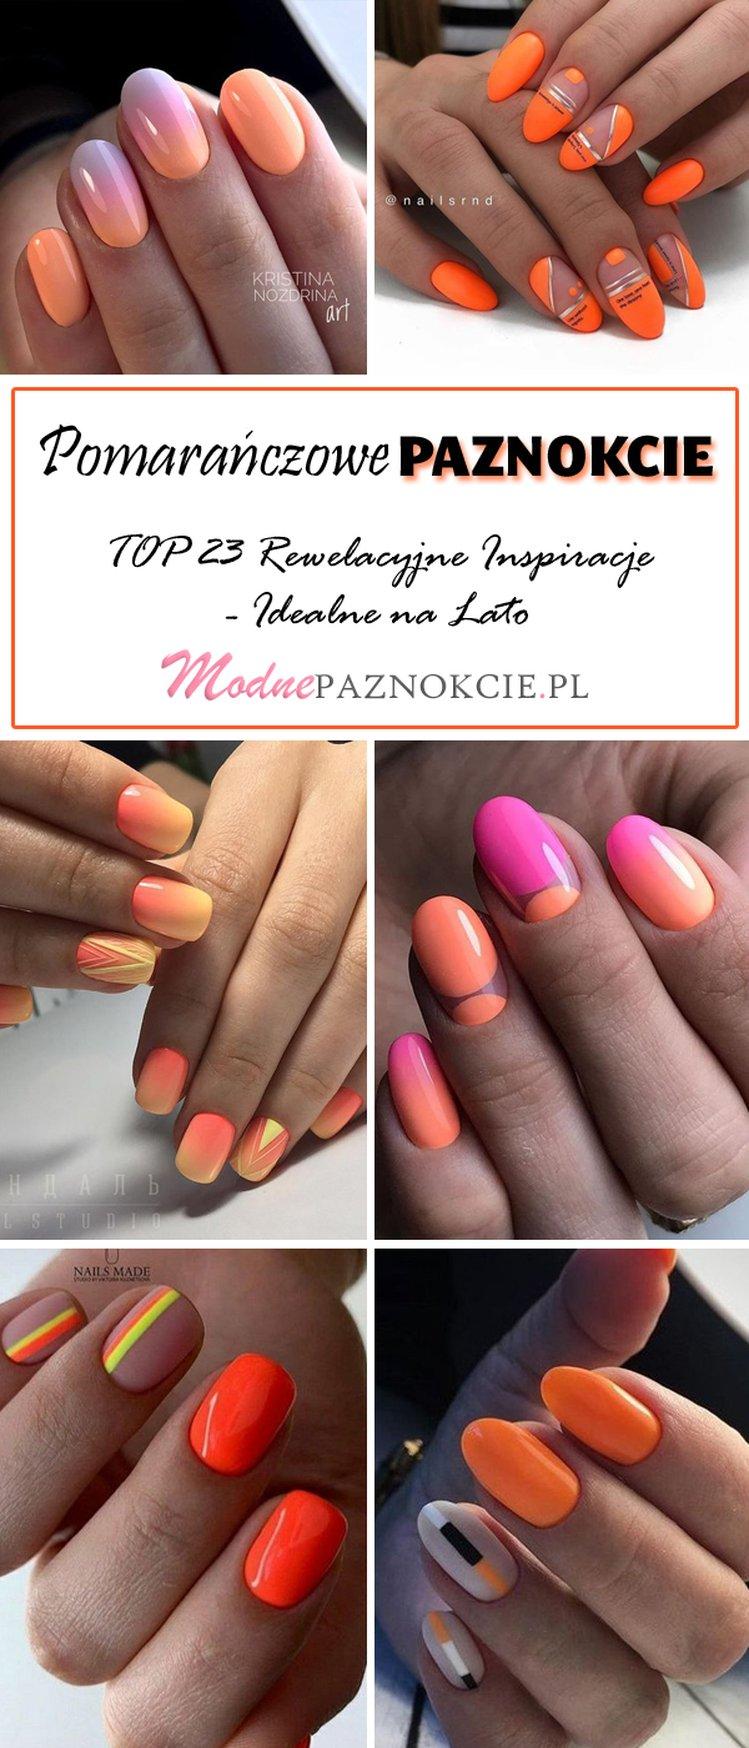 Manicure Pomarańczowy